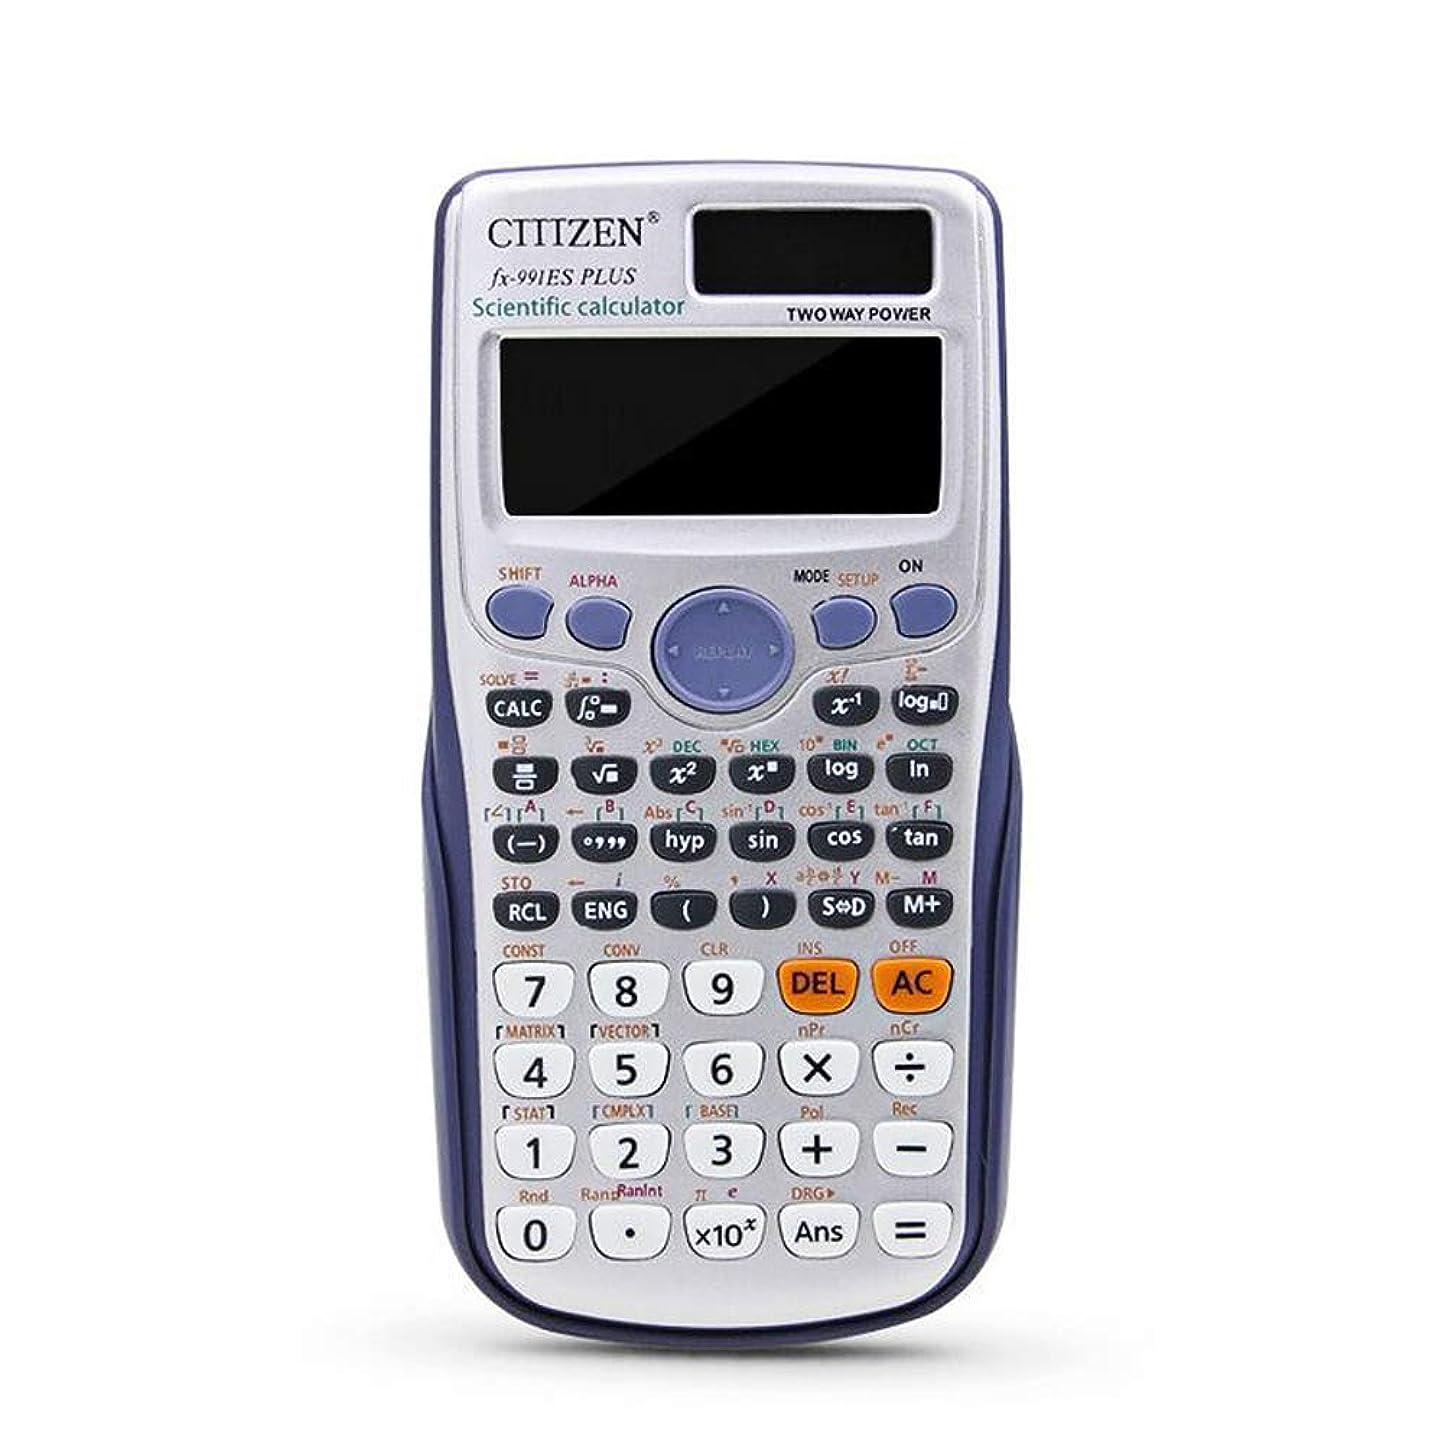 略語高くなめらかなAibecy 関数電卓 CR2025 高精細 関数?機能417以上 手持ち型 学生の科学的なデジタル表示装置